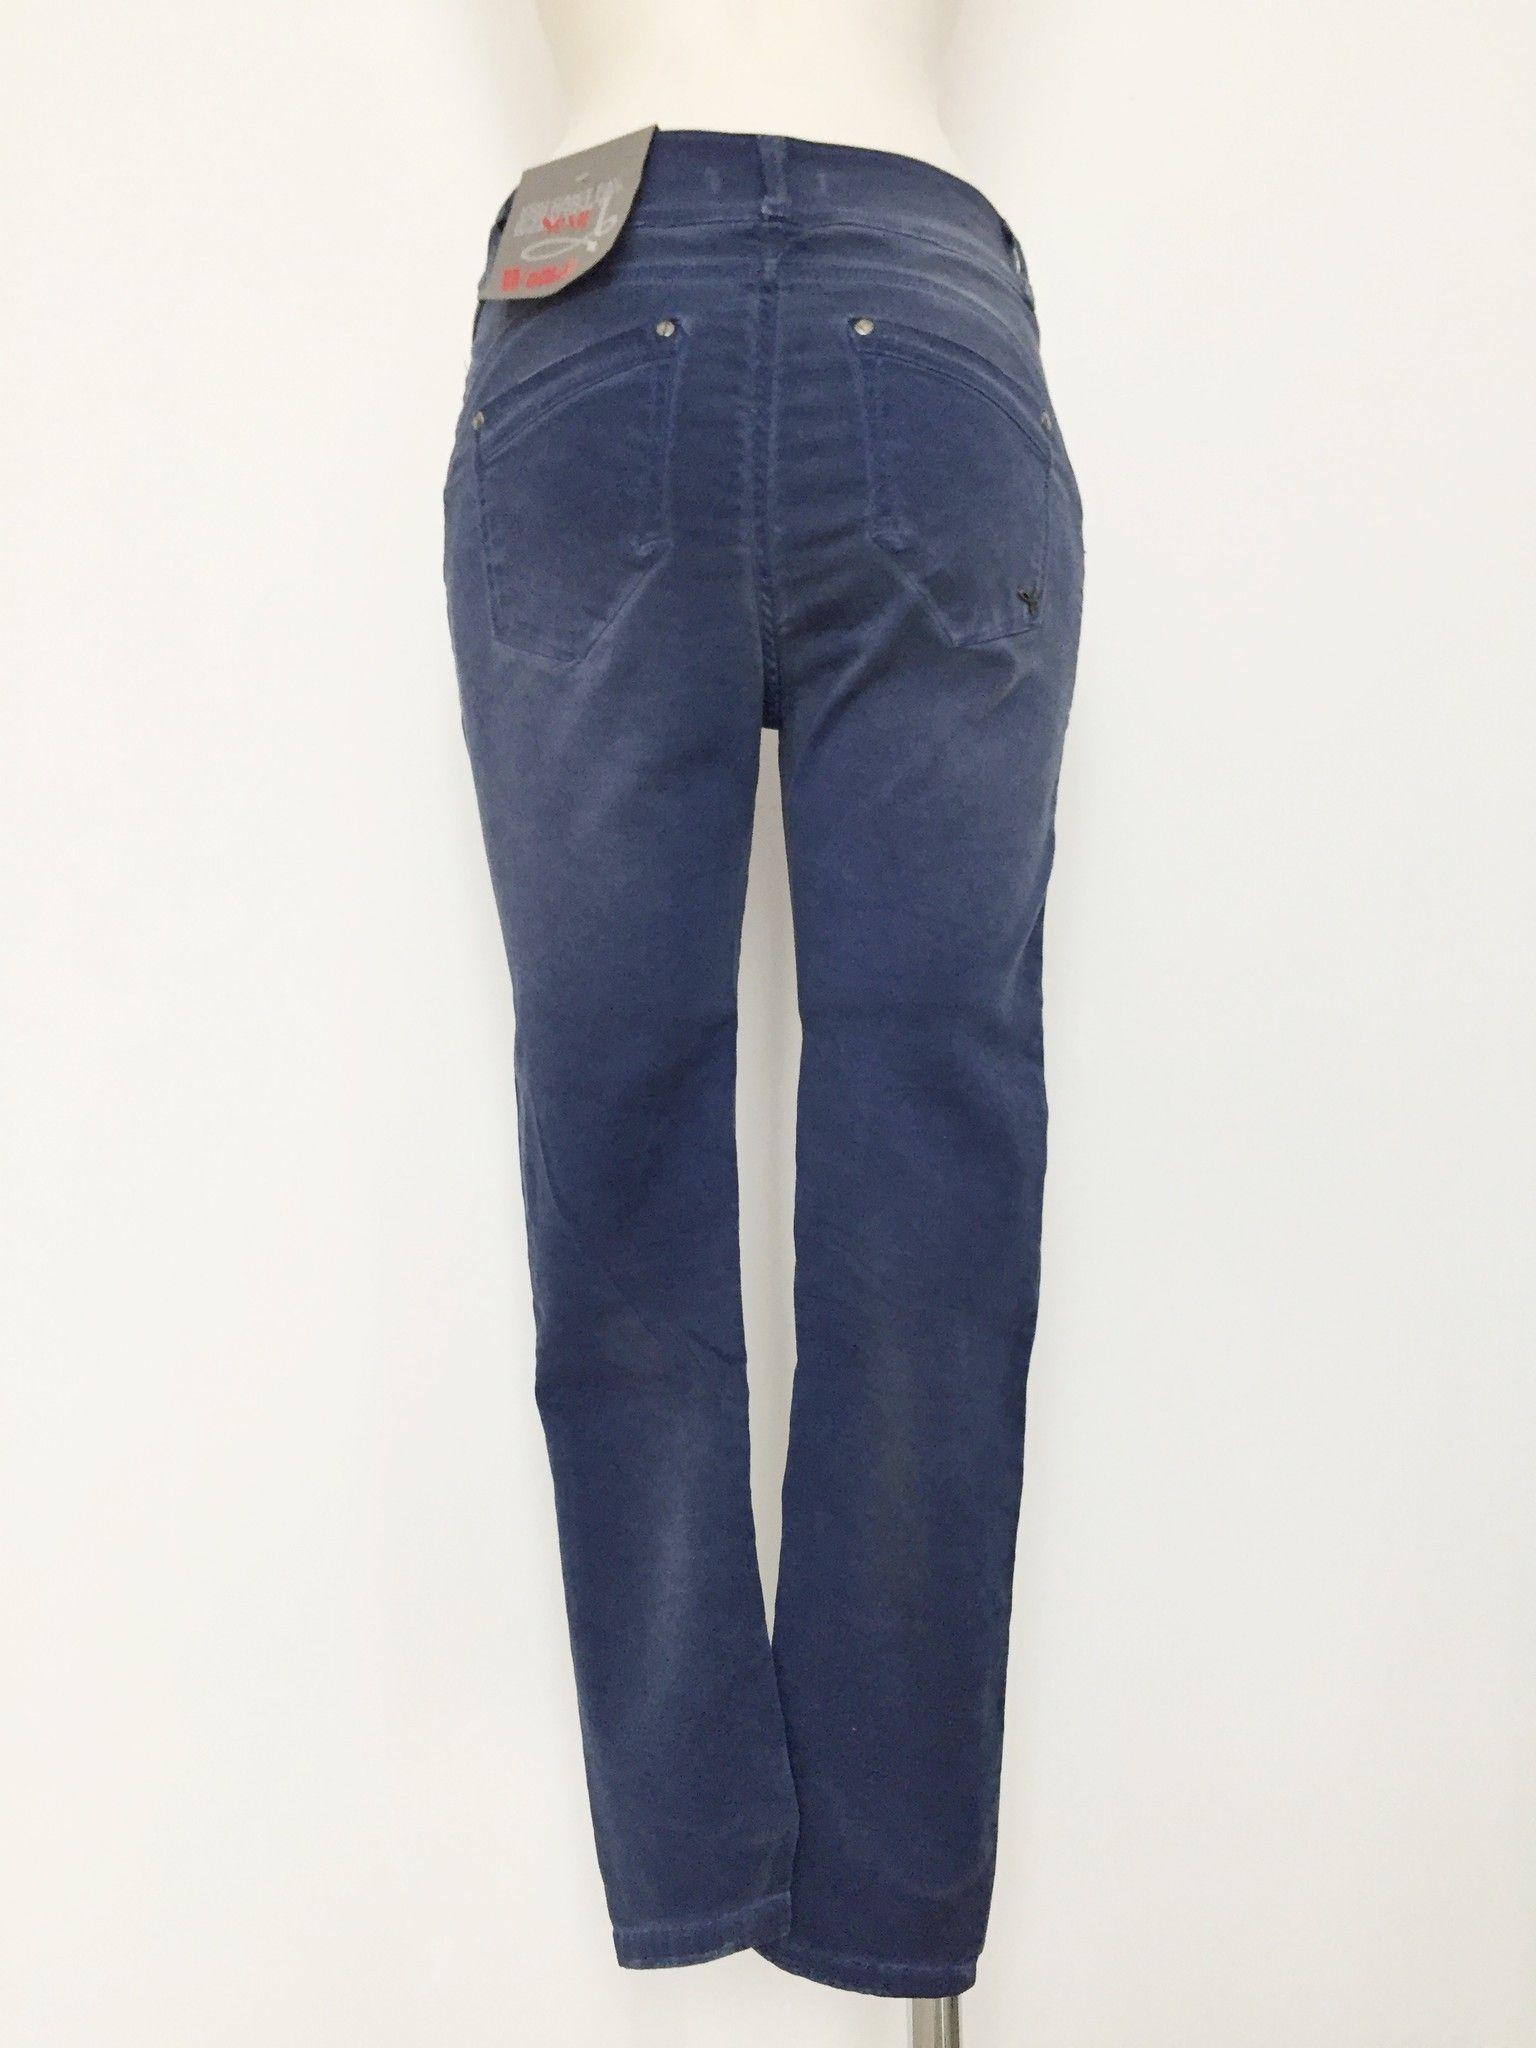 Sexy Woman Boyfriend Model Jeans Delavè Cod.P514705